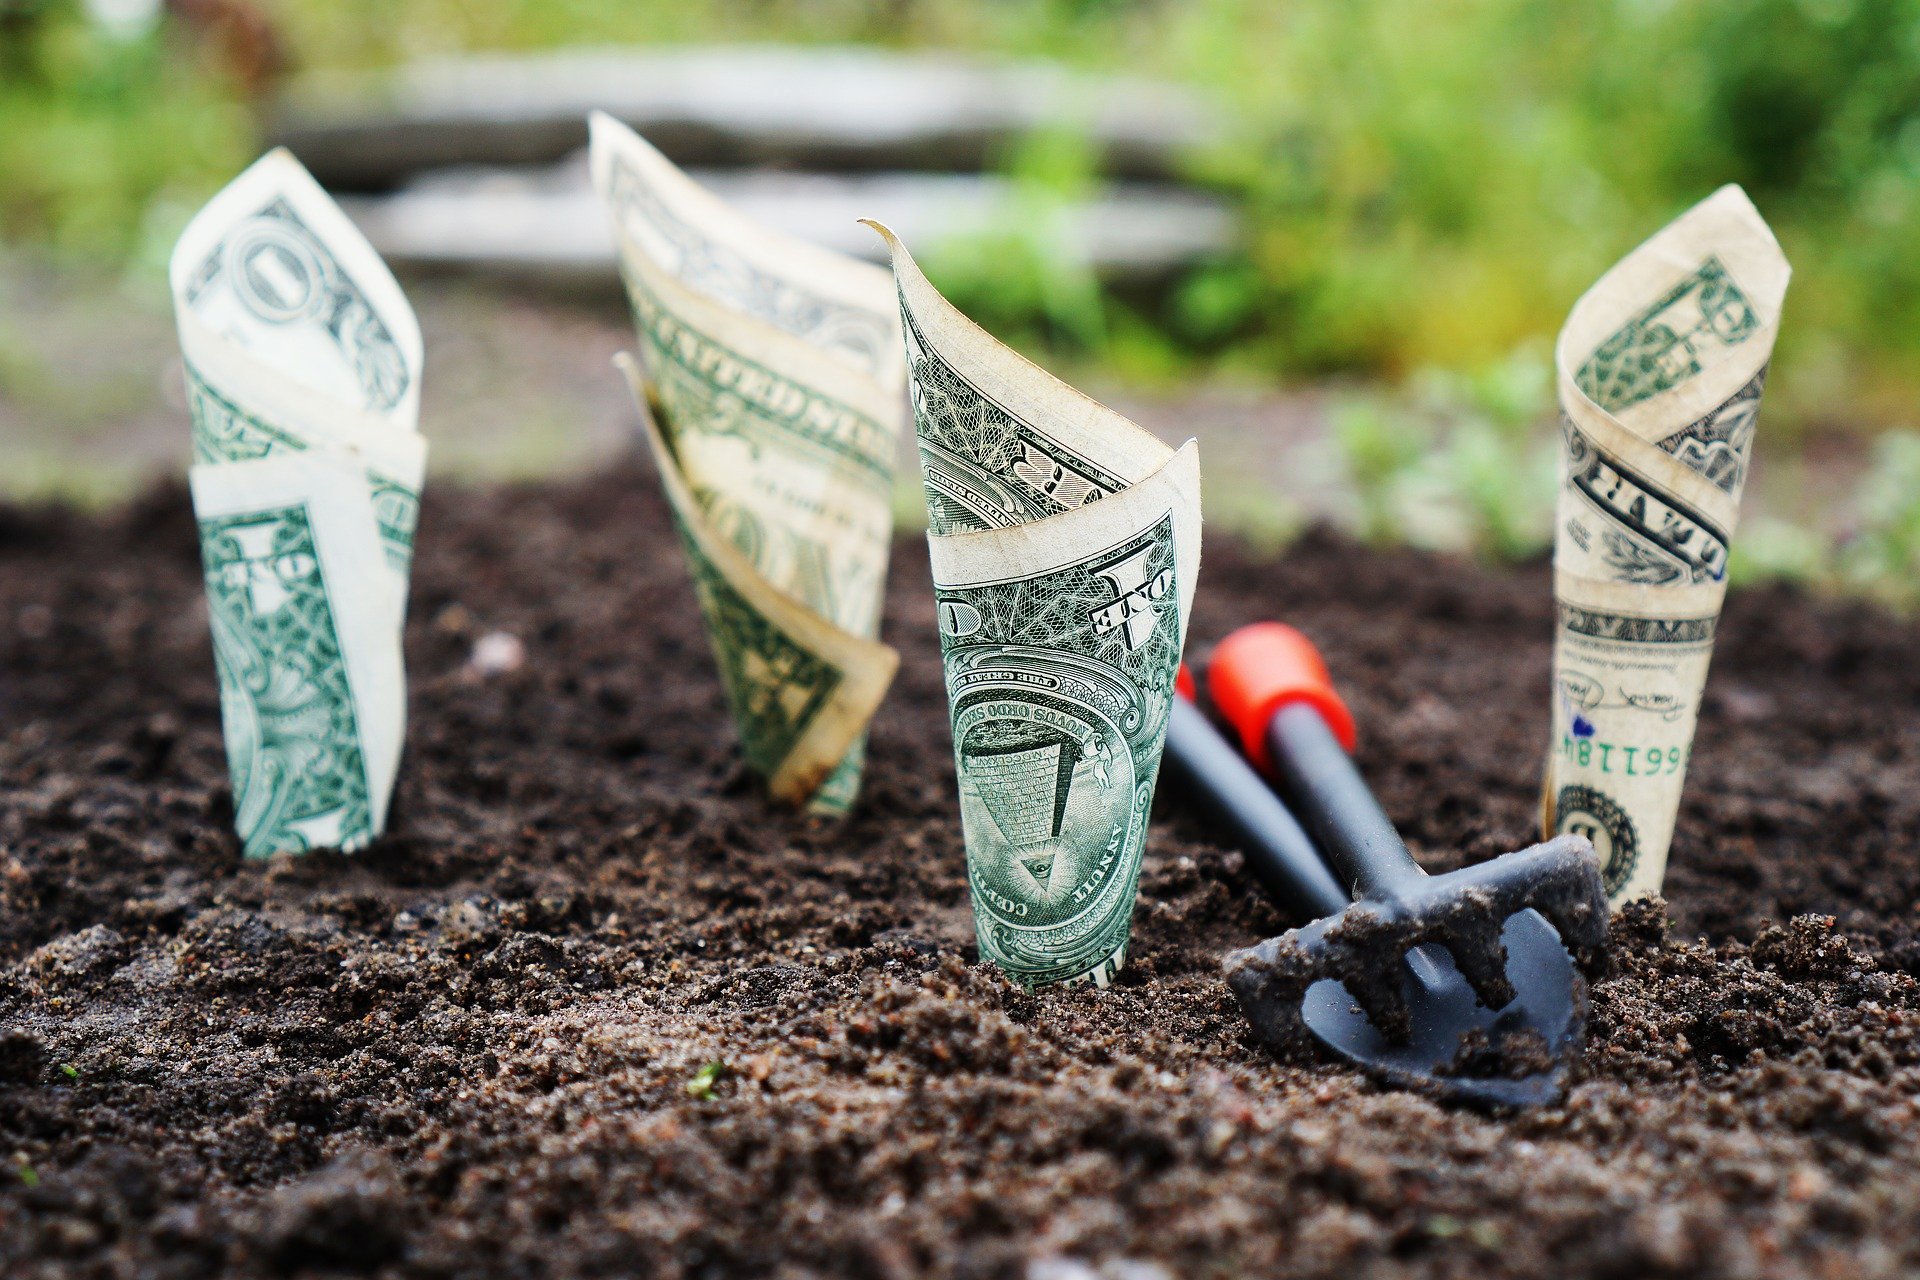 Vamos parar o jogo da especulação financeira?